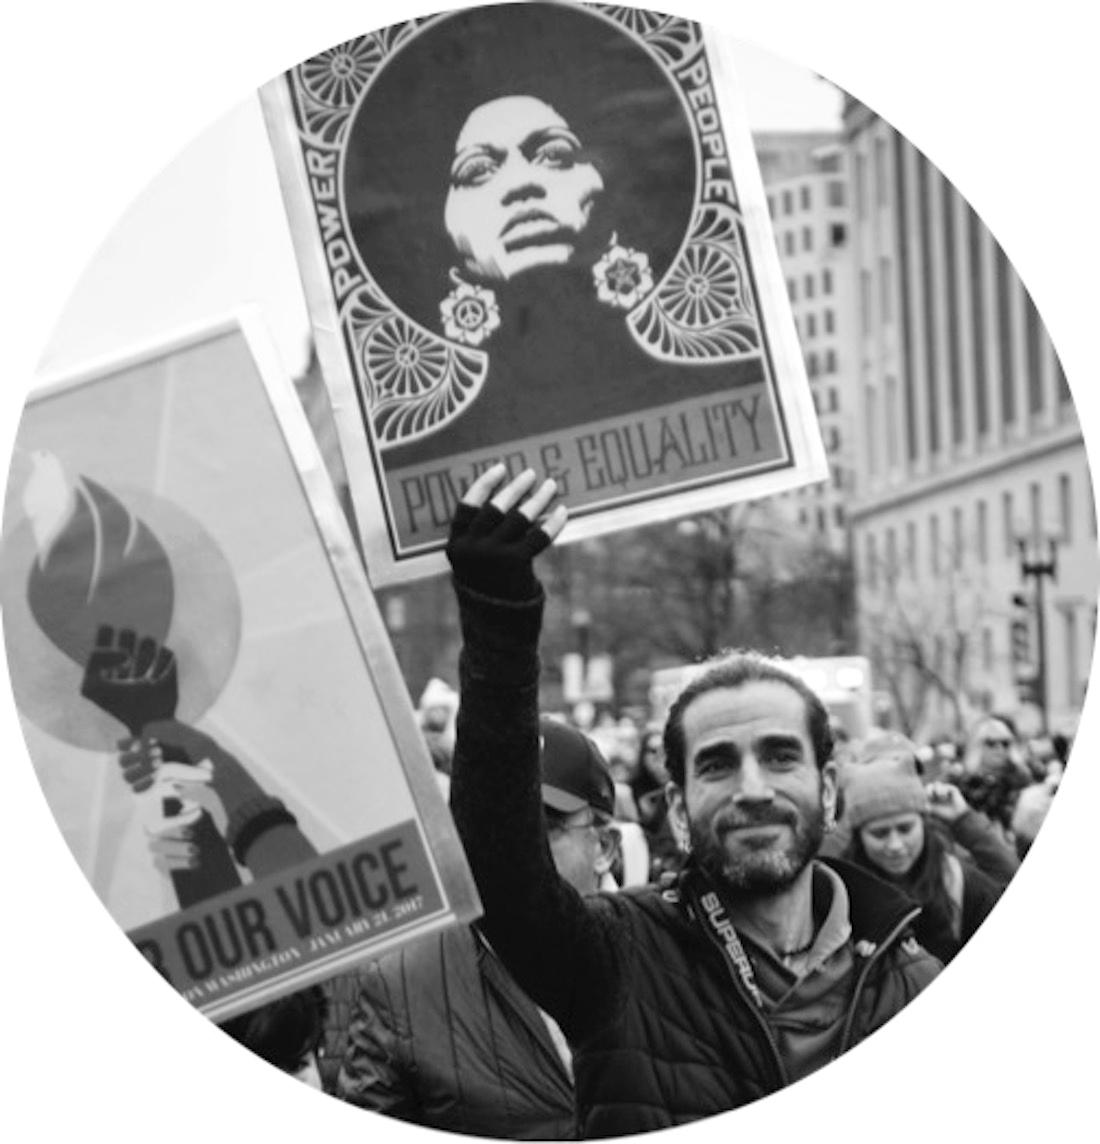 Chief Activist - RobtSeda-Schreiber